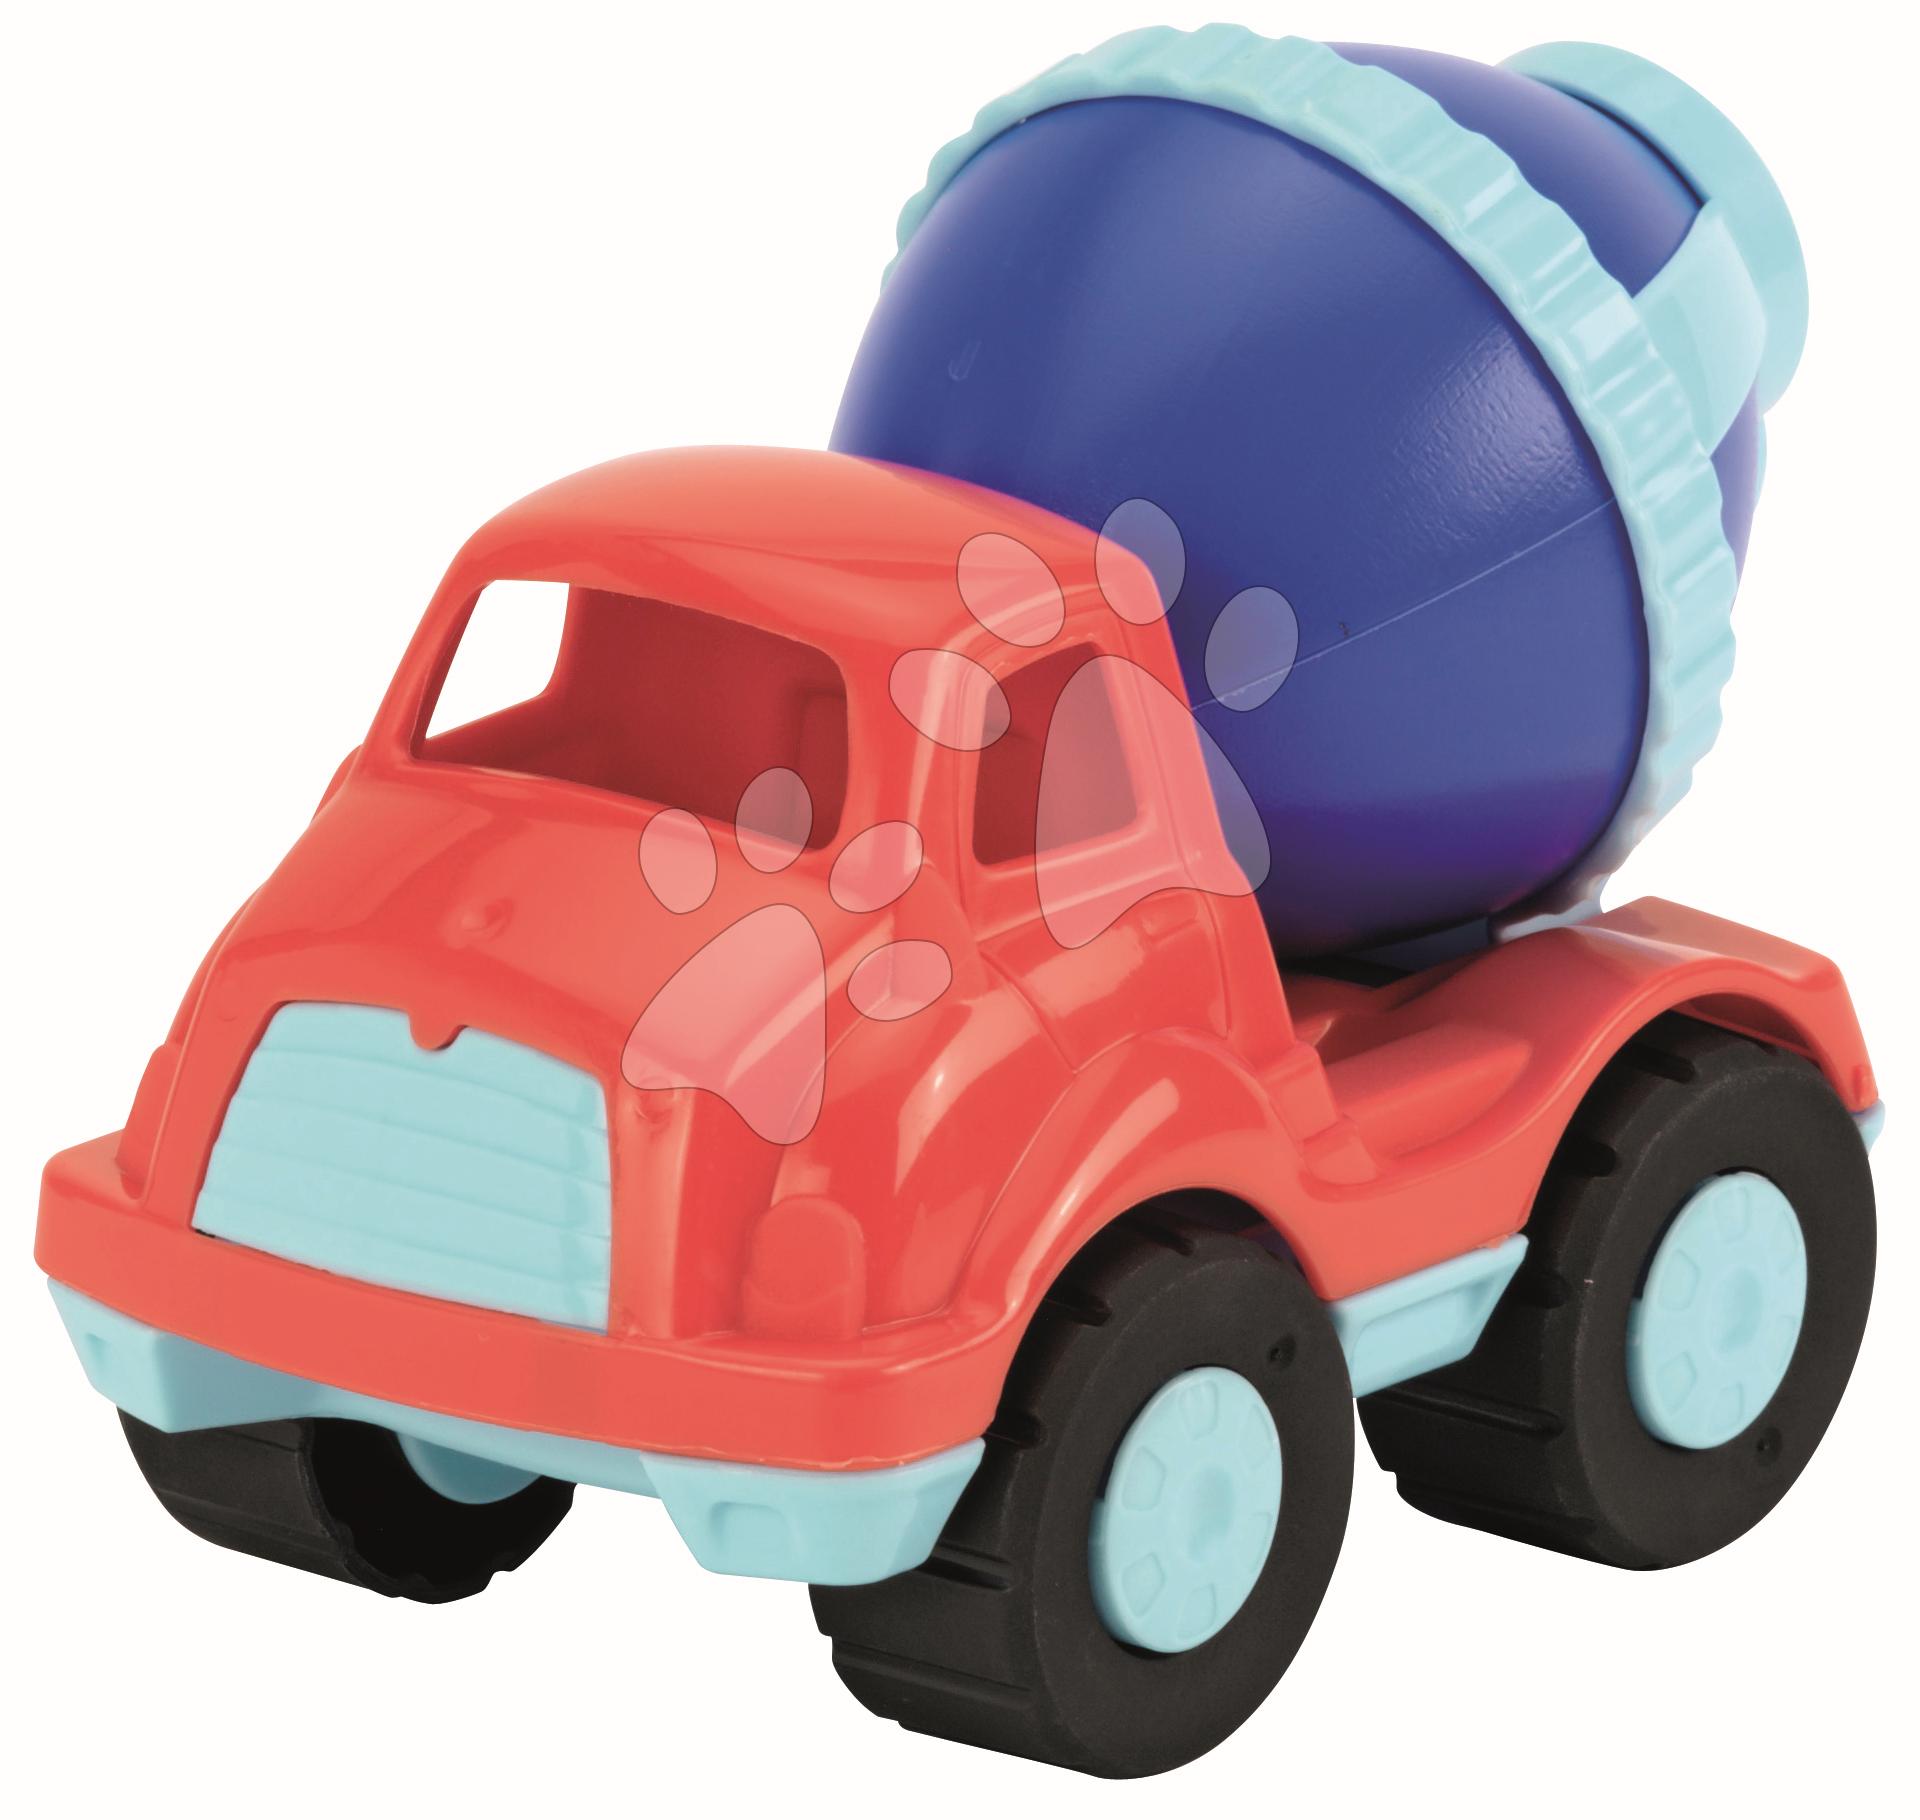 Dětská míchačka Ecoiffier pracovní autíčko délka 21 cm od 18 měsíců